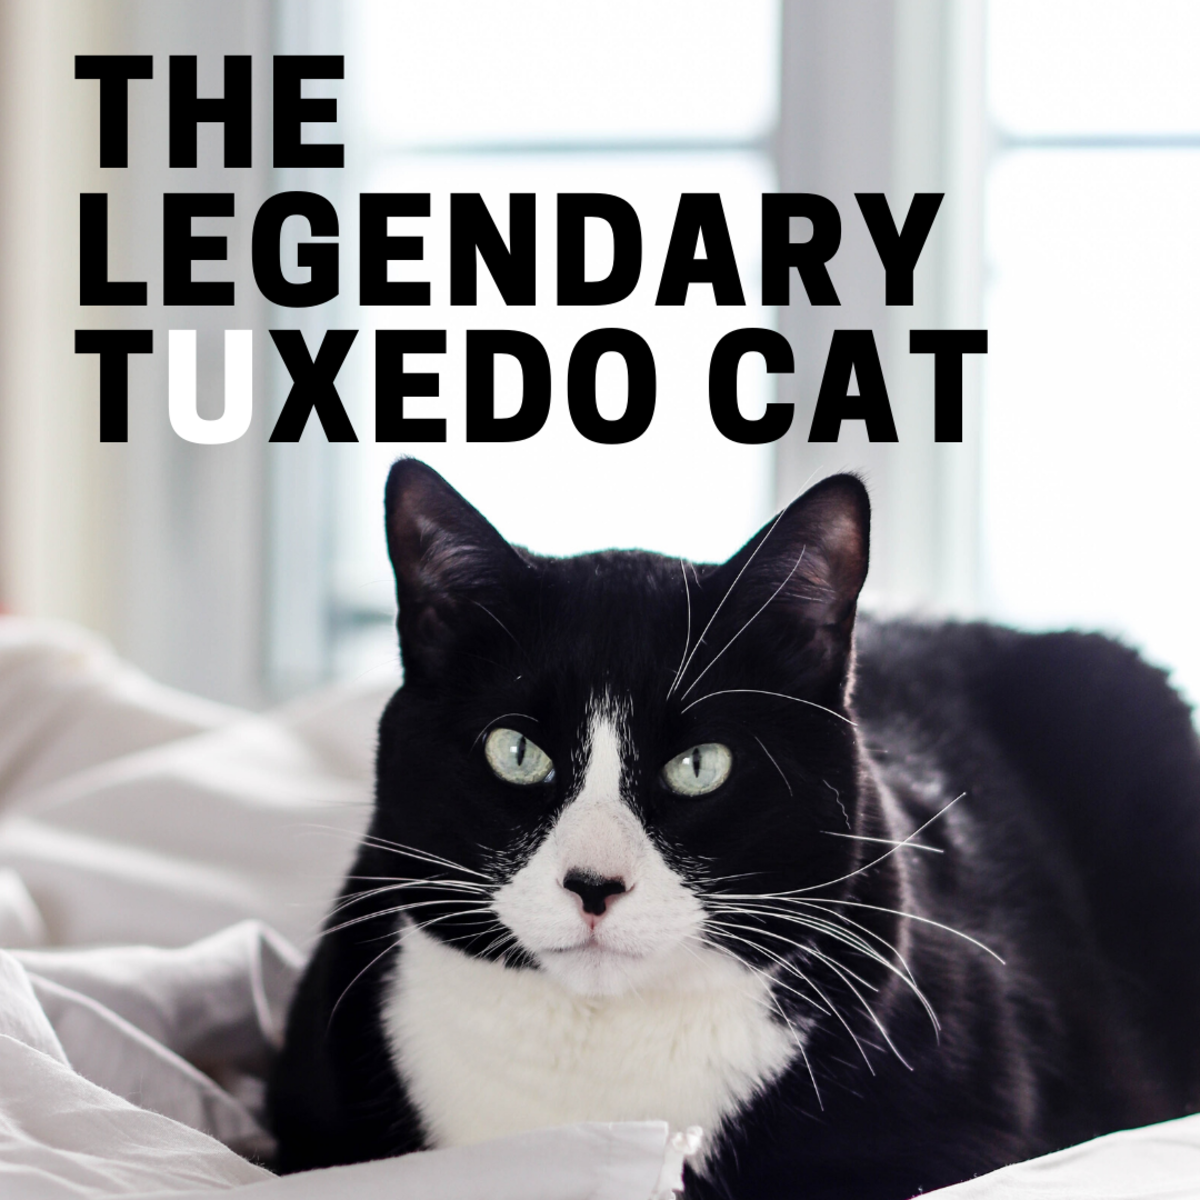 The Legendary Tuxedo Cat